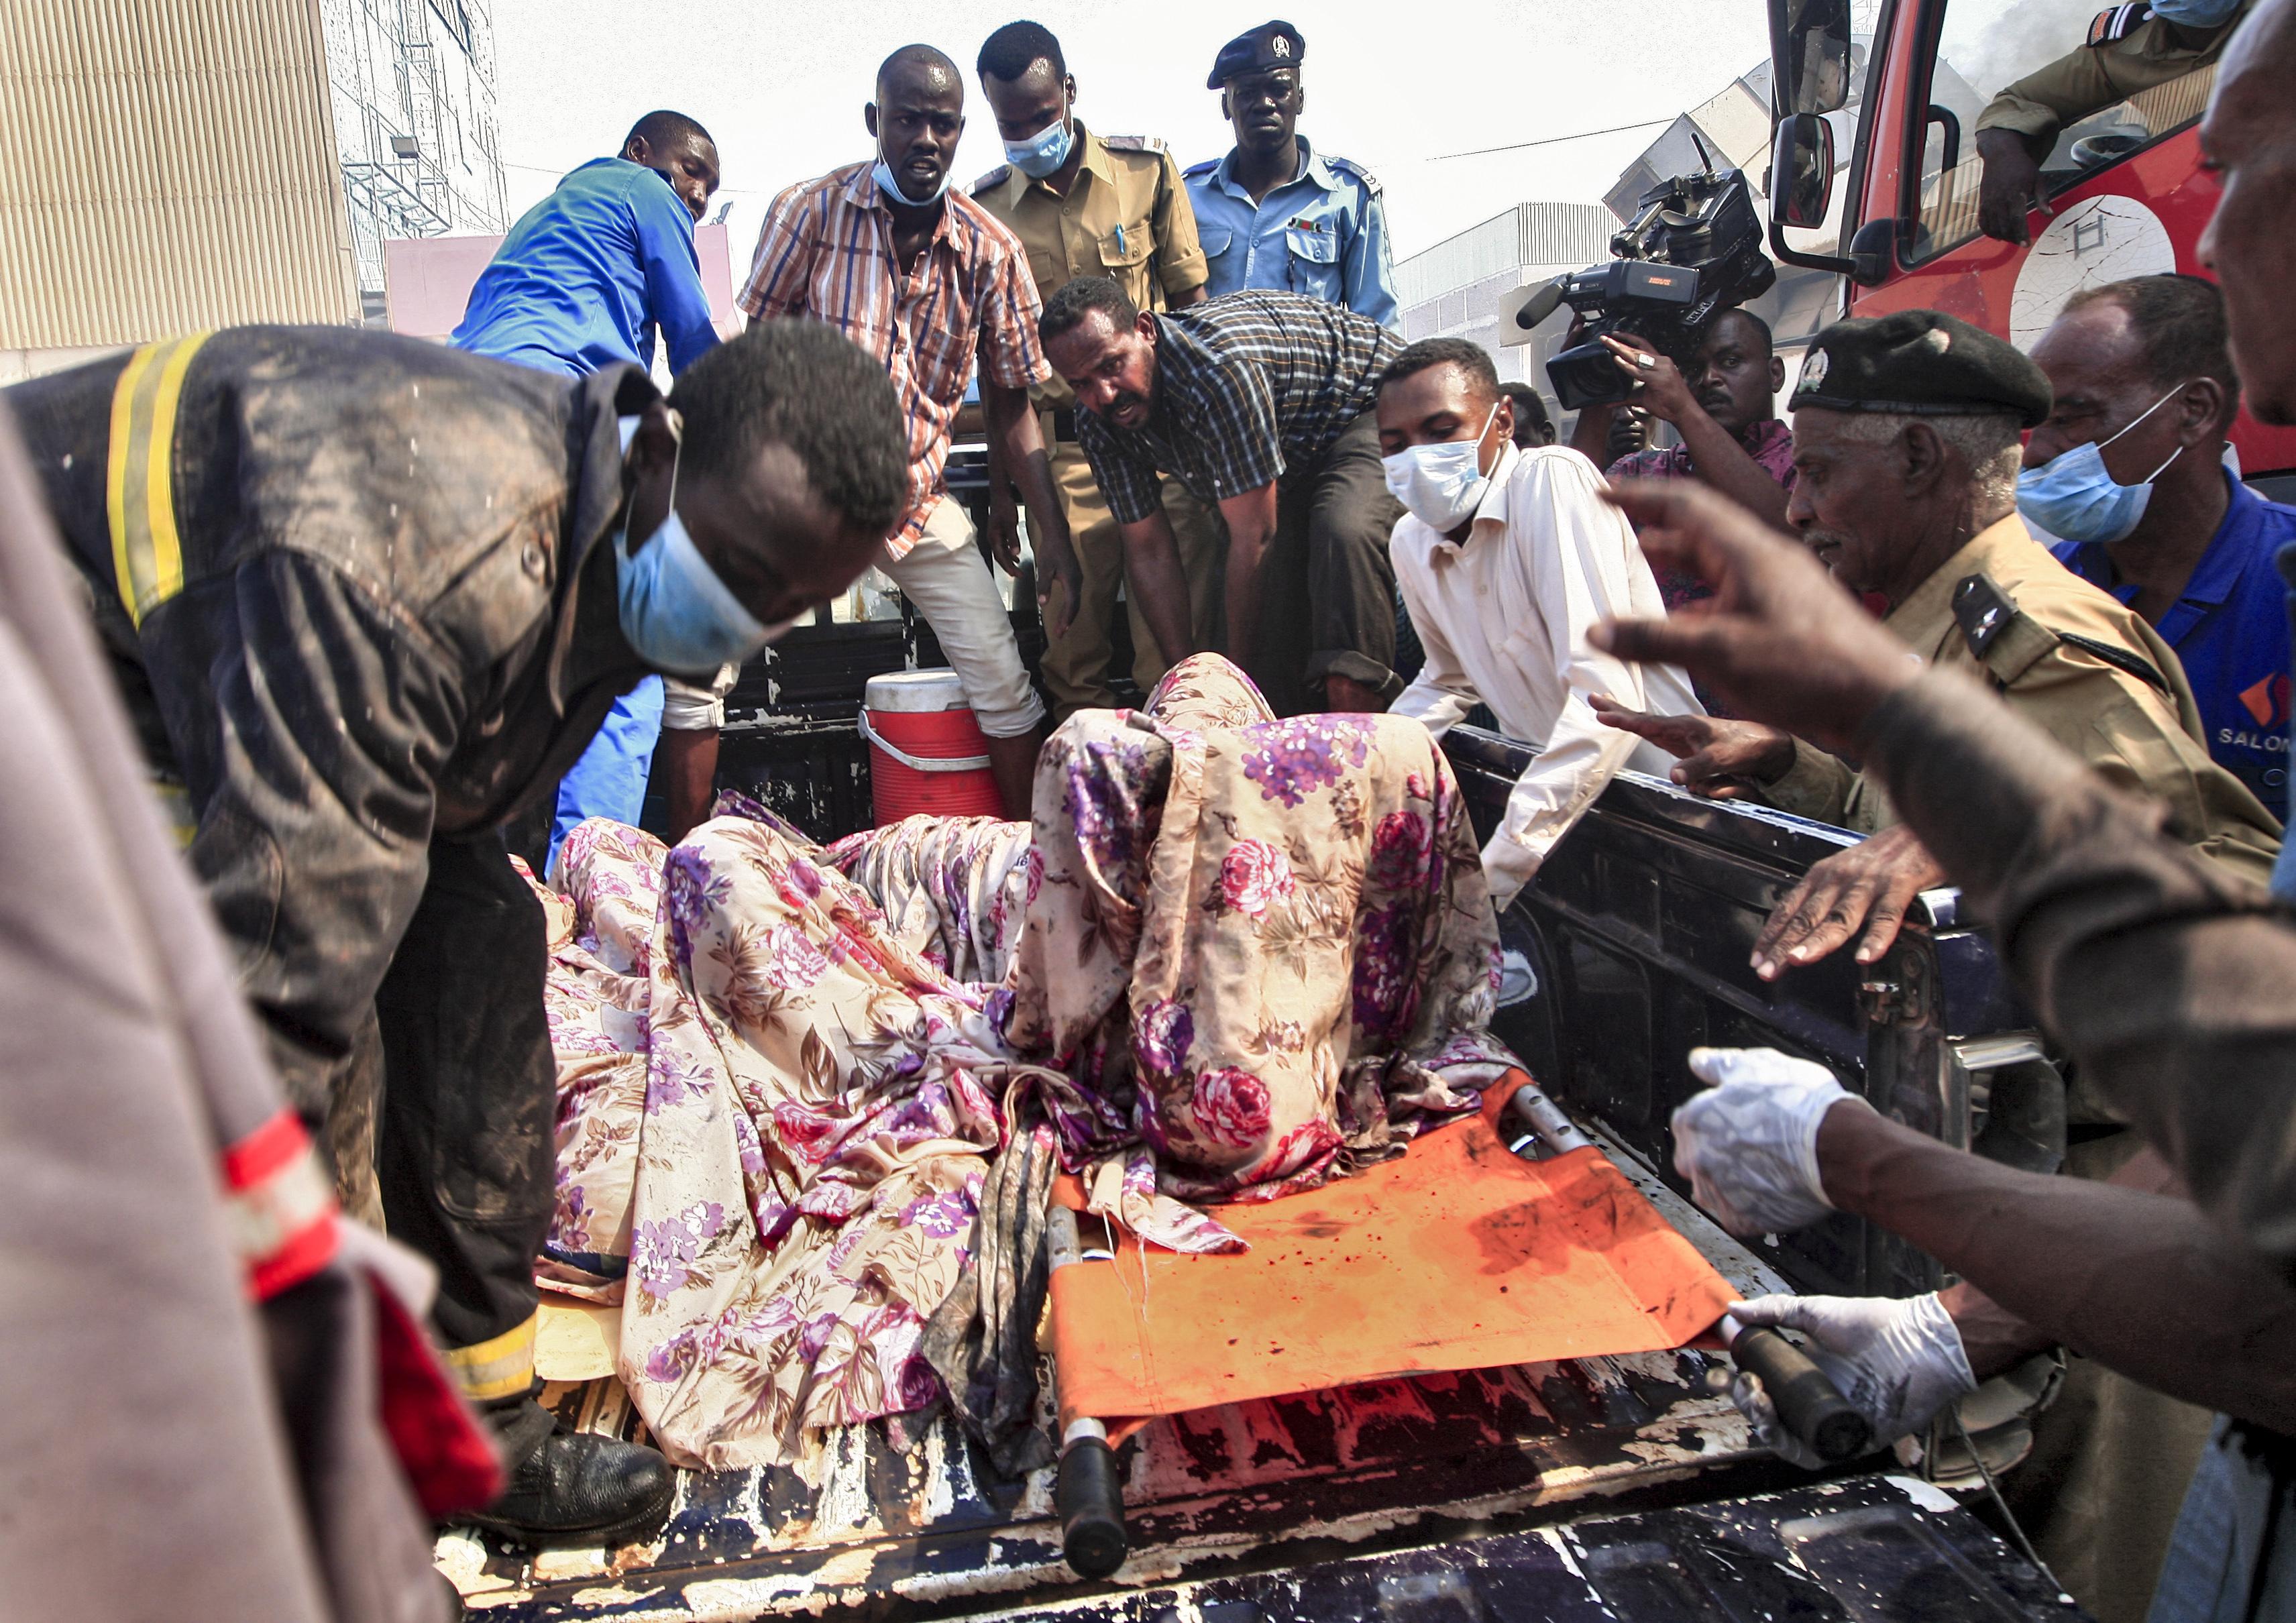 عناصر من الدفاع المدني السوداني يحملون جثامين ضحايا الحريق في المنطقة الصناعية شمال الخرطوم